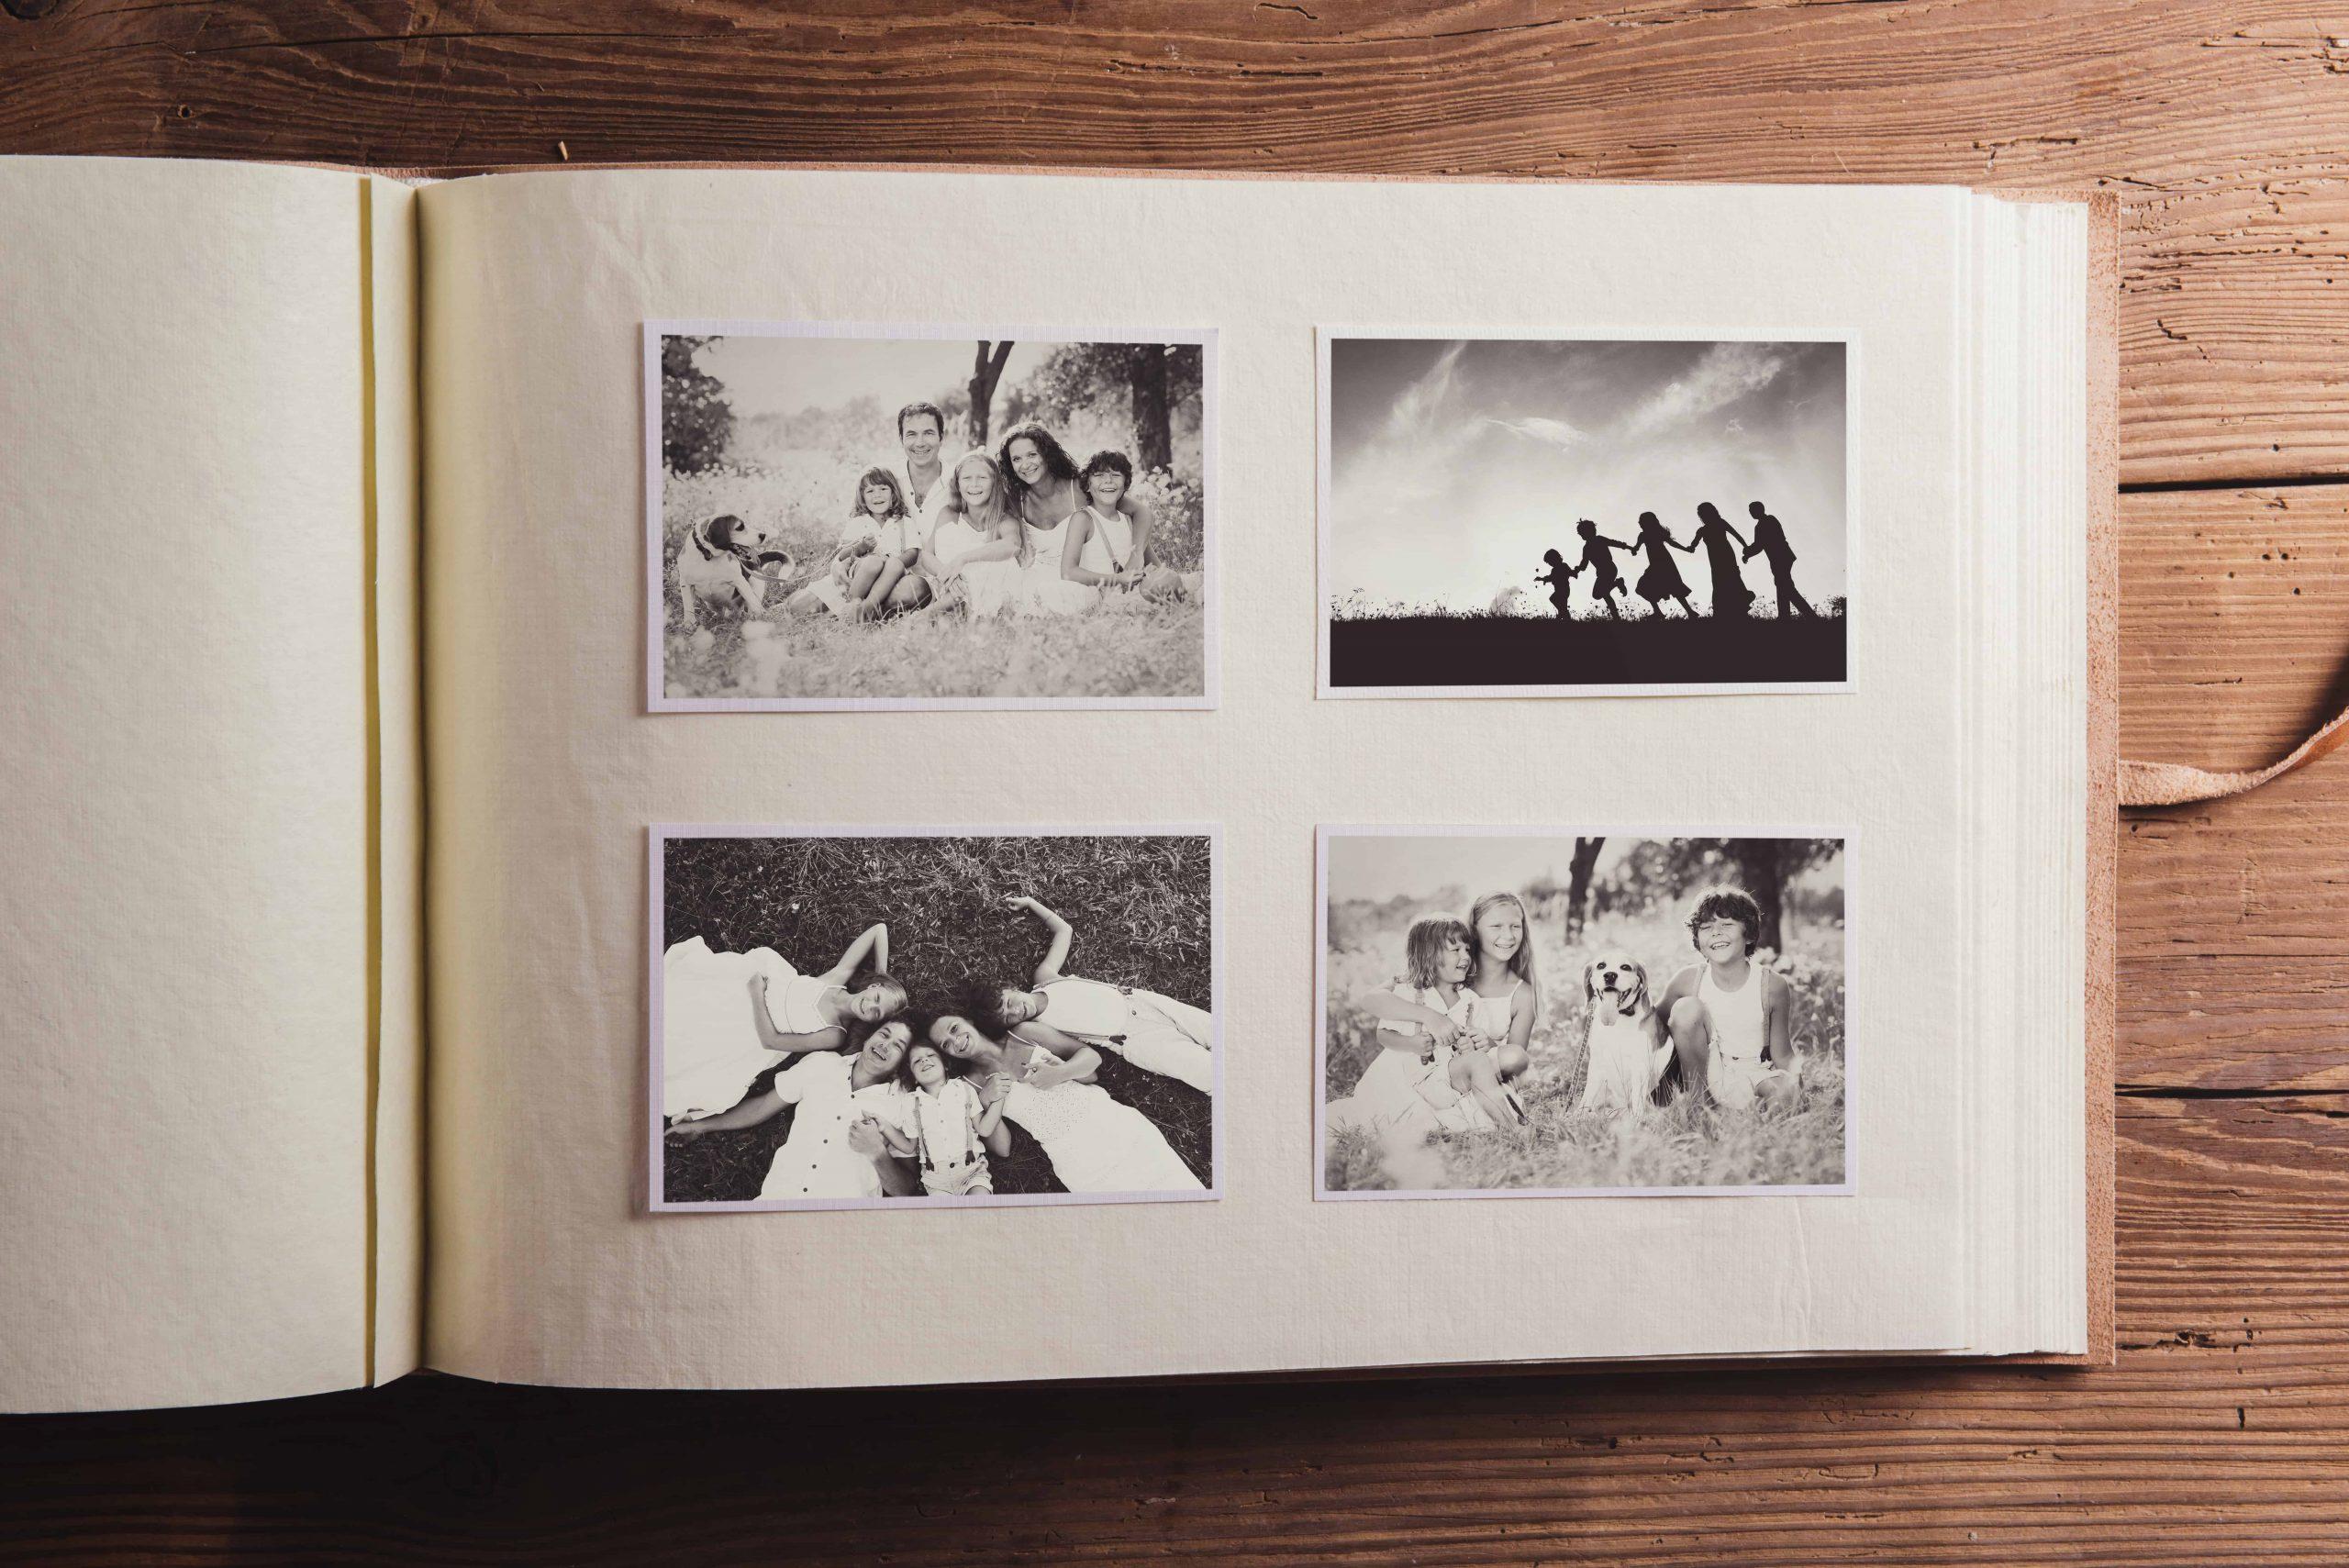 Álbum de fotos: ¿Cuáles son los mejores del 2020?